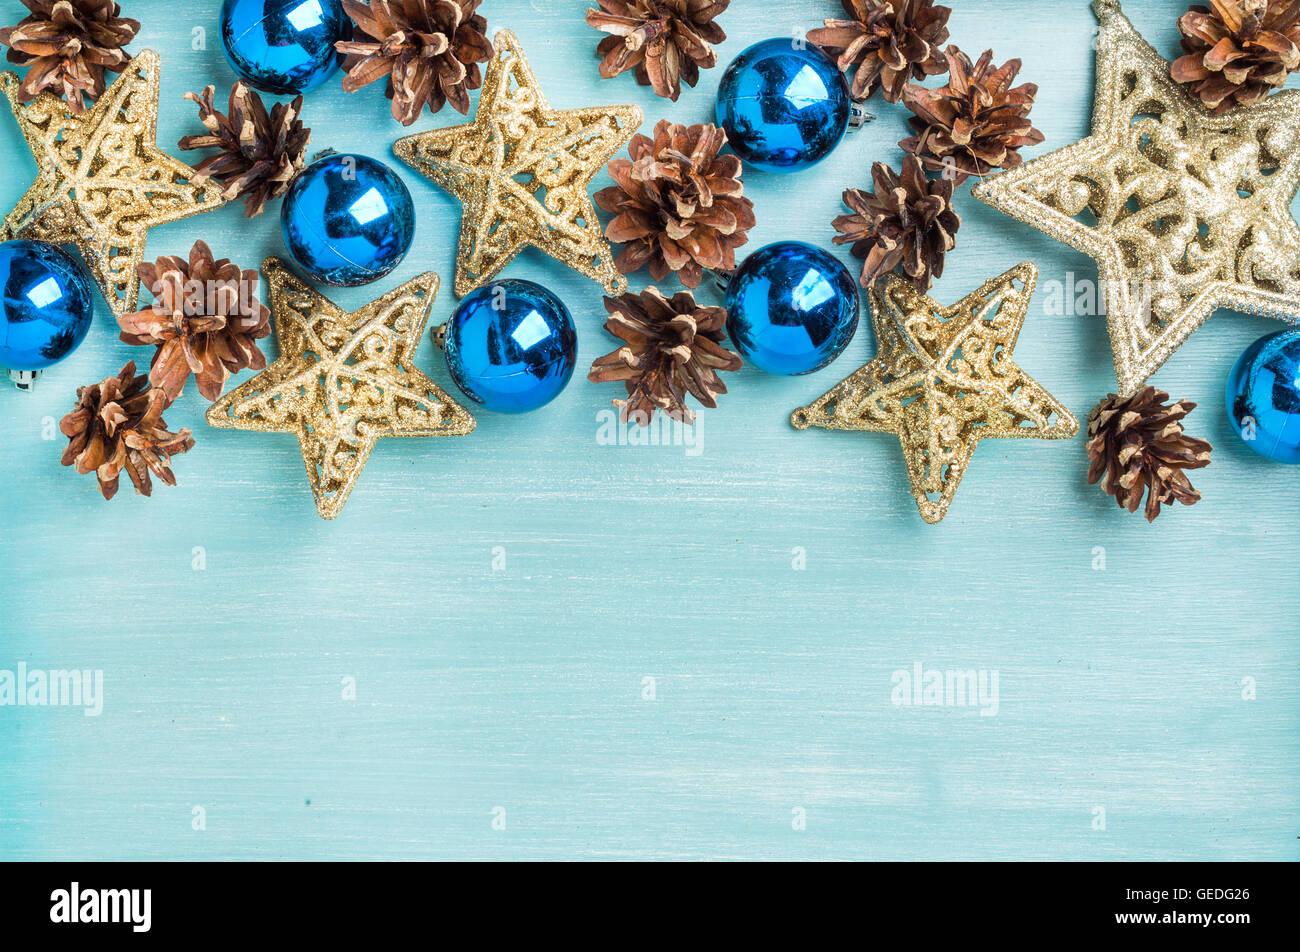 Decoración de Navidad o año nuevo fundamento: piñas, bolas de cristal azul, estrellas doradas sobre Imagen De Stock